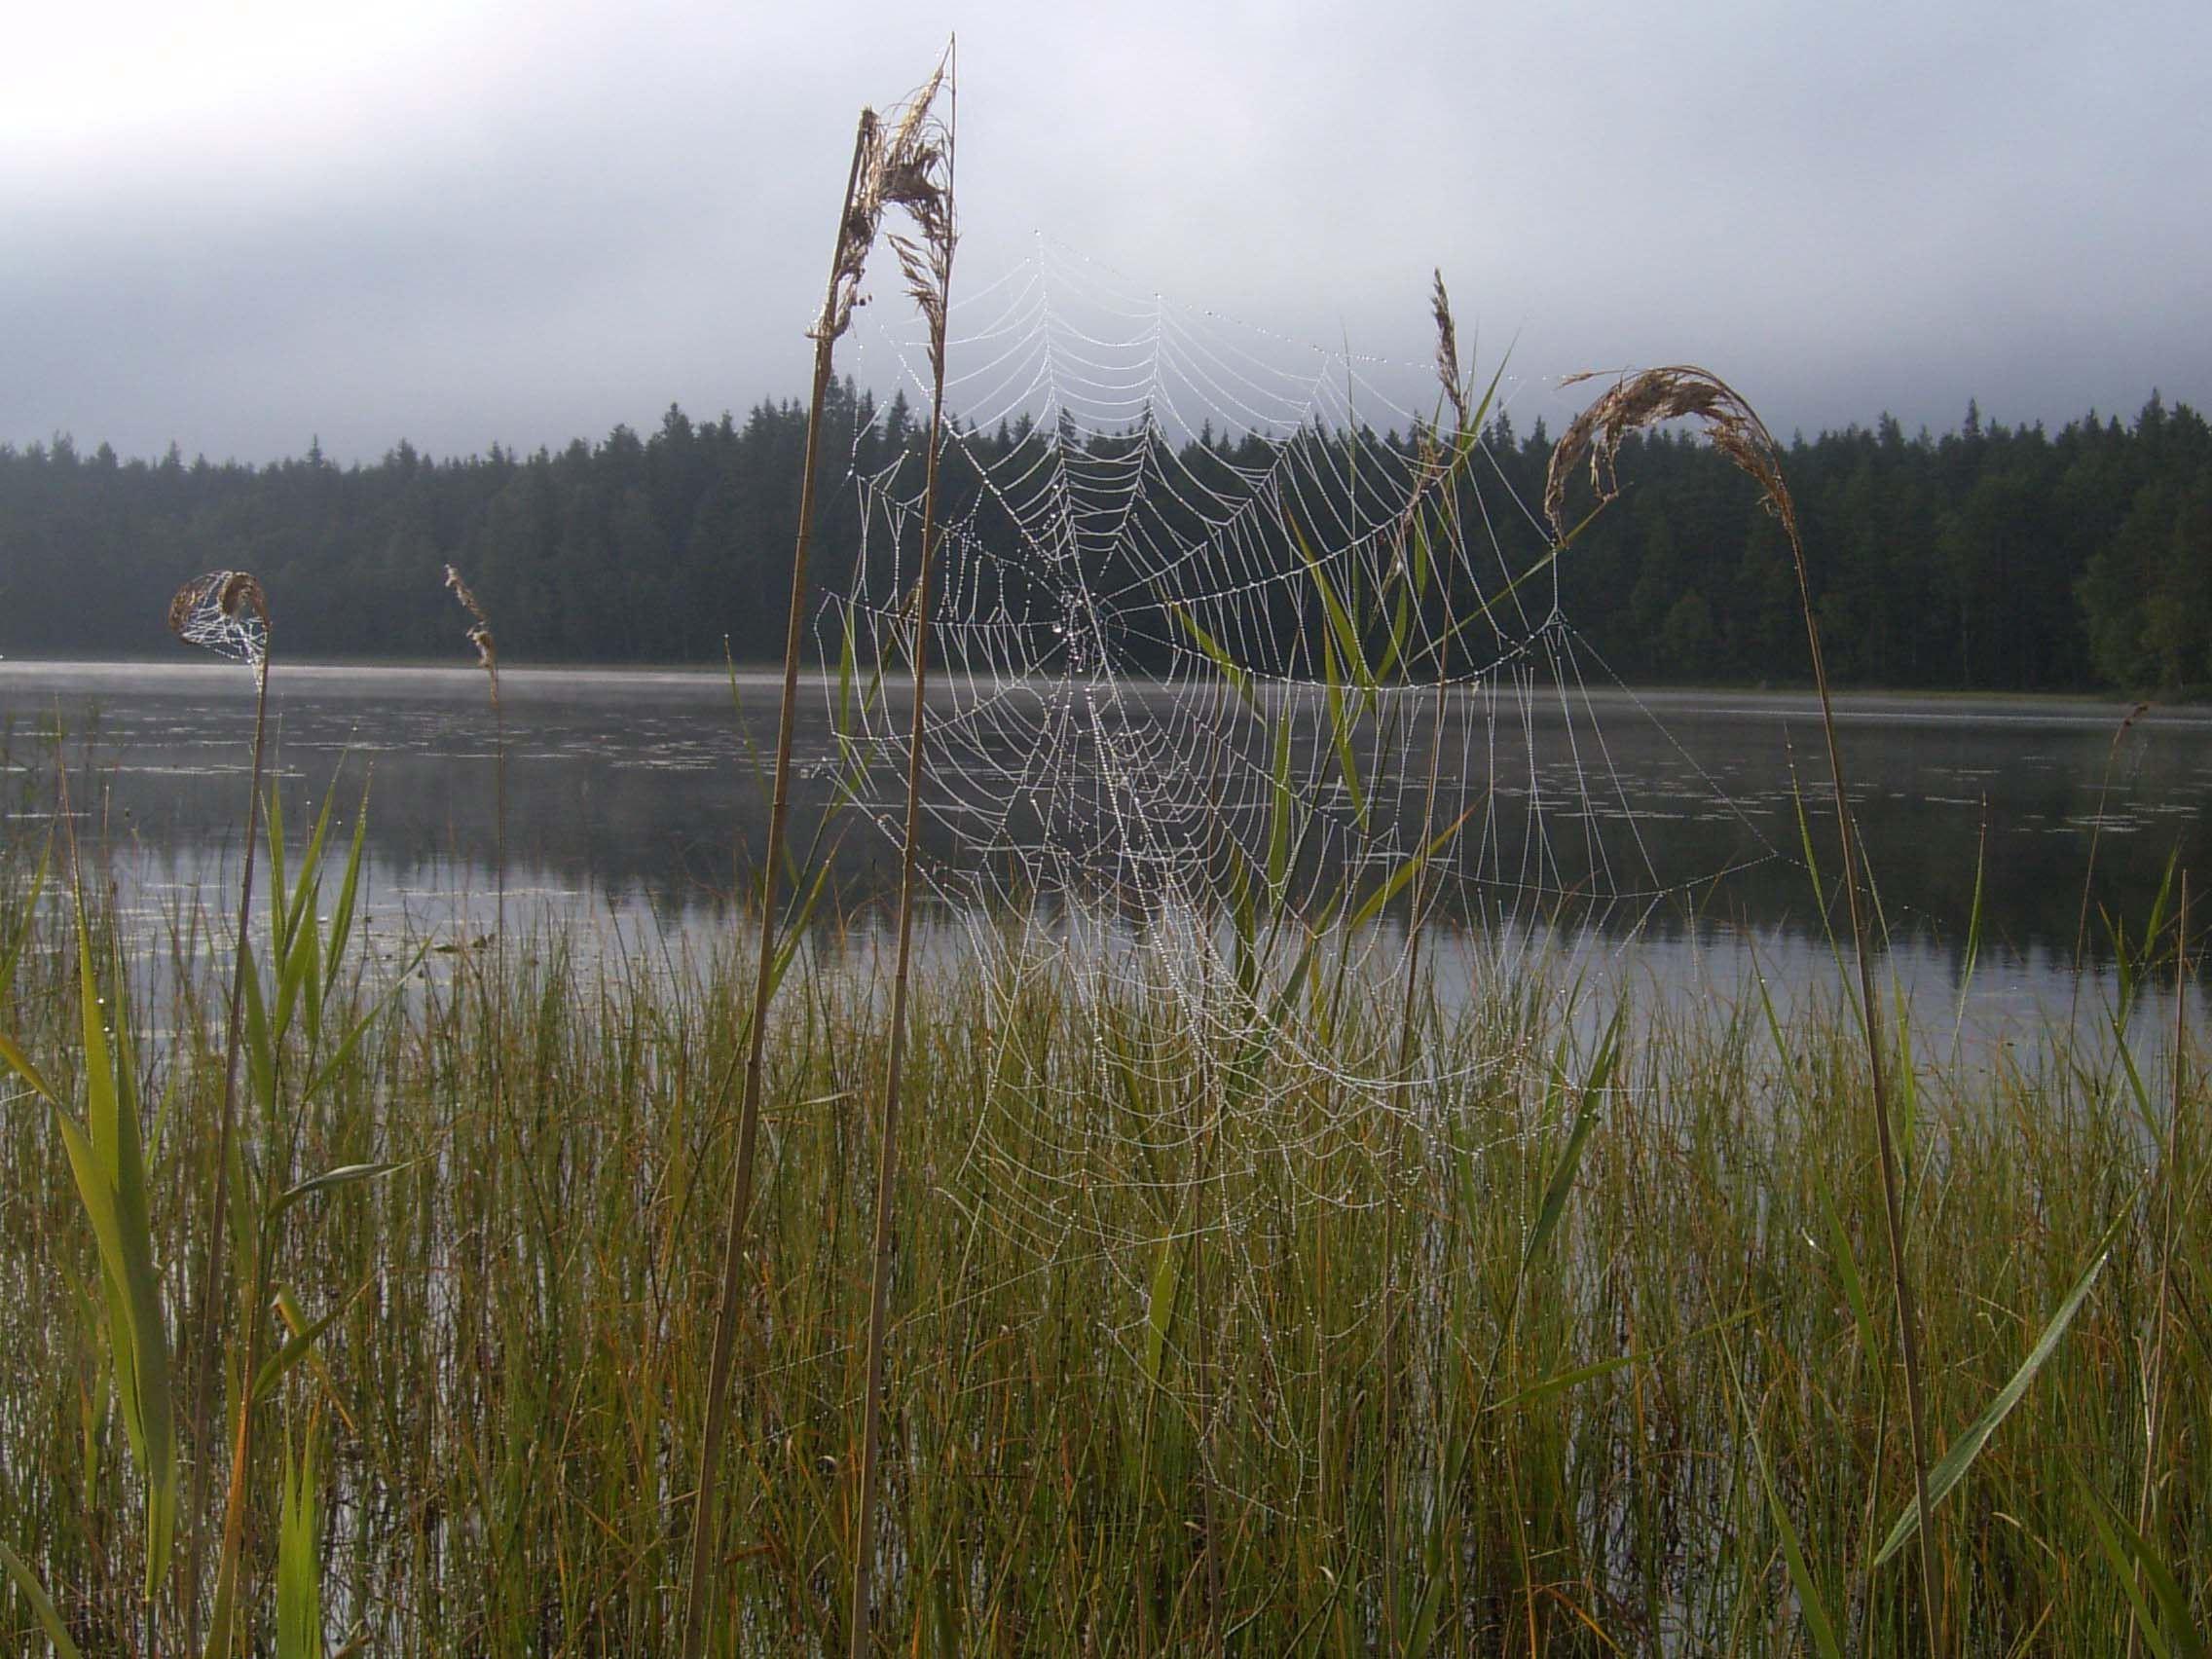 Stort spindelnät i vass framför Stora Åkesbosjön